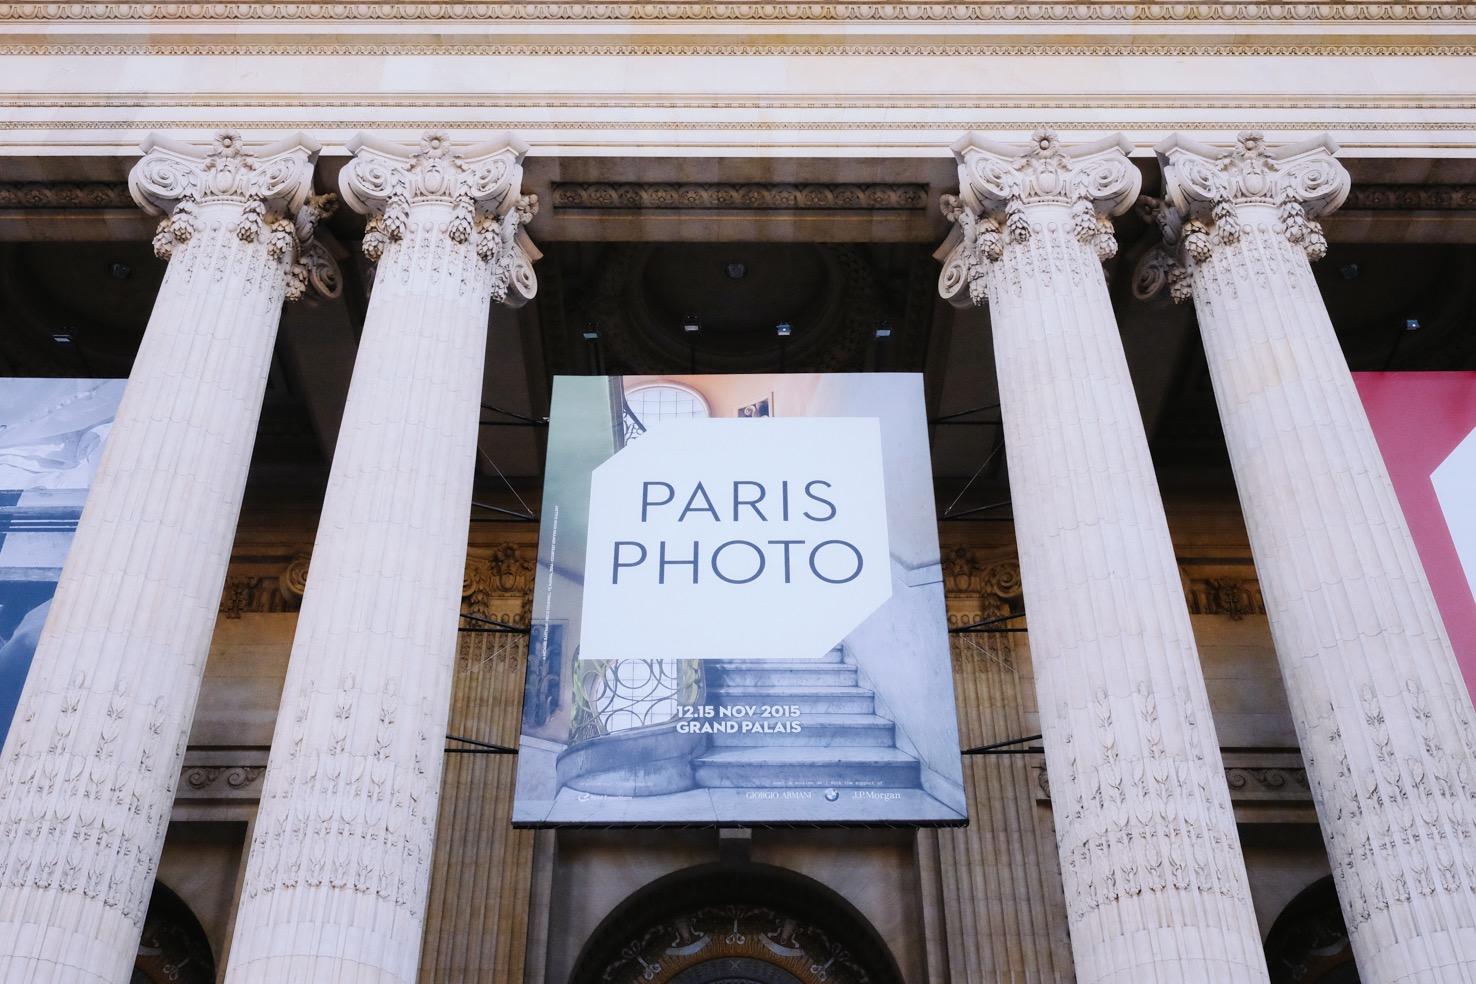 Paris Photo 2015